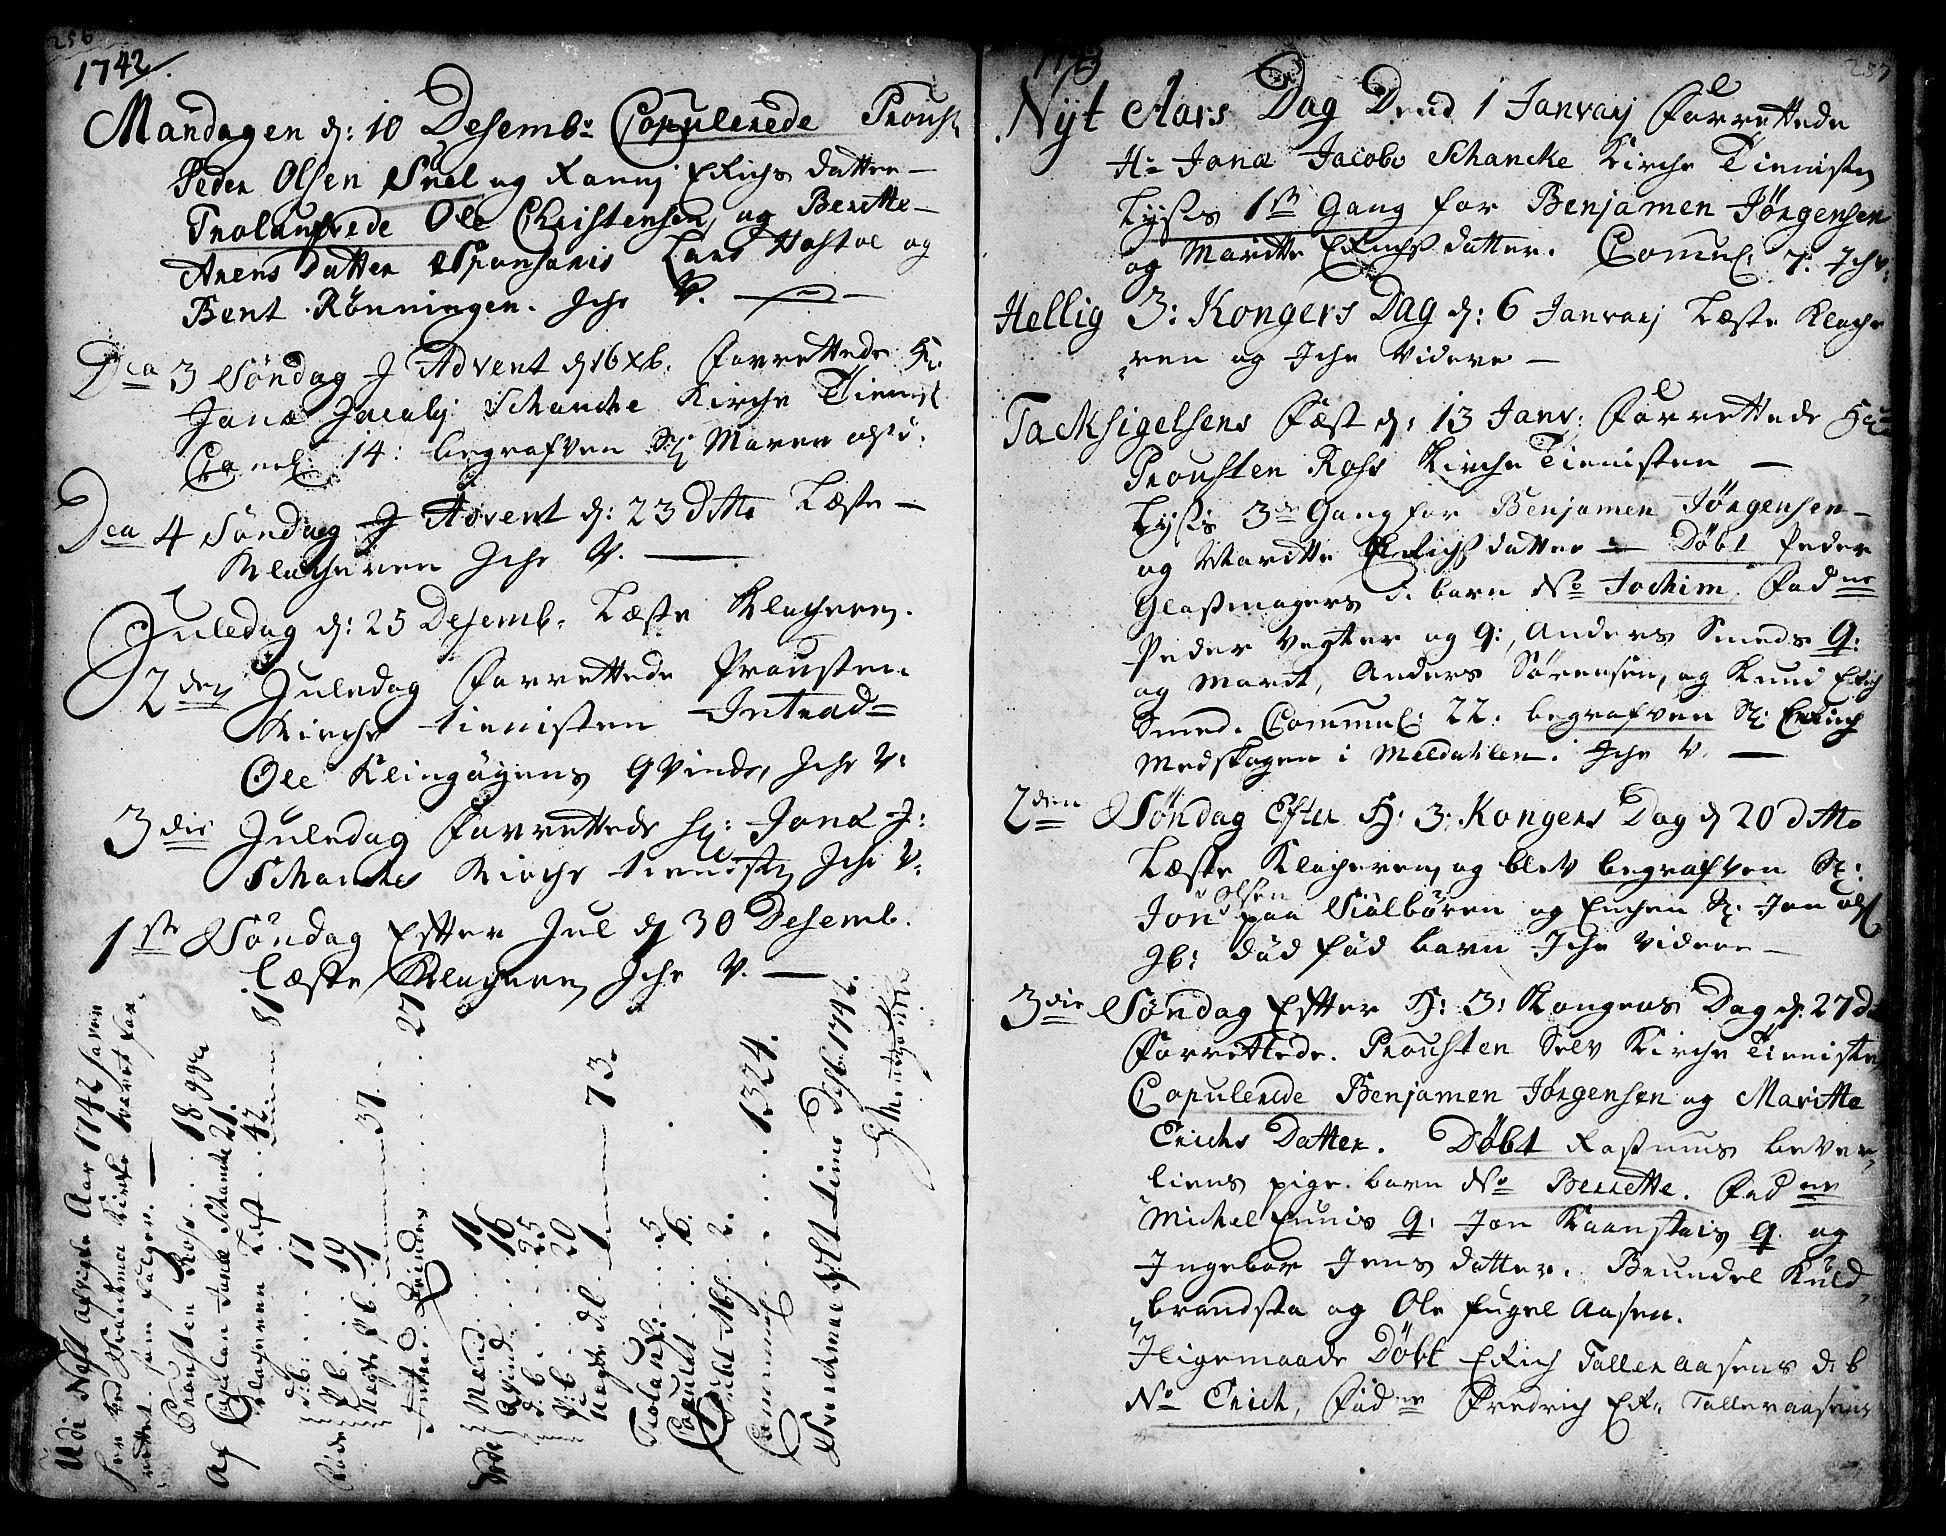 SAT, Ministerialprotokoller, klokkerbøker og fødselsregistre - Sør-Trøndelag, 671/L0839: Ministerialbok nr. 671A01, 1730-1755, s. 256-257